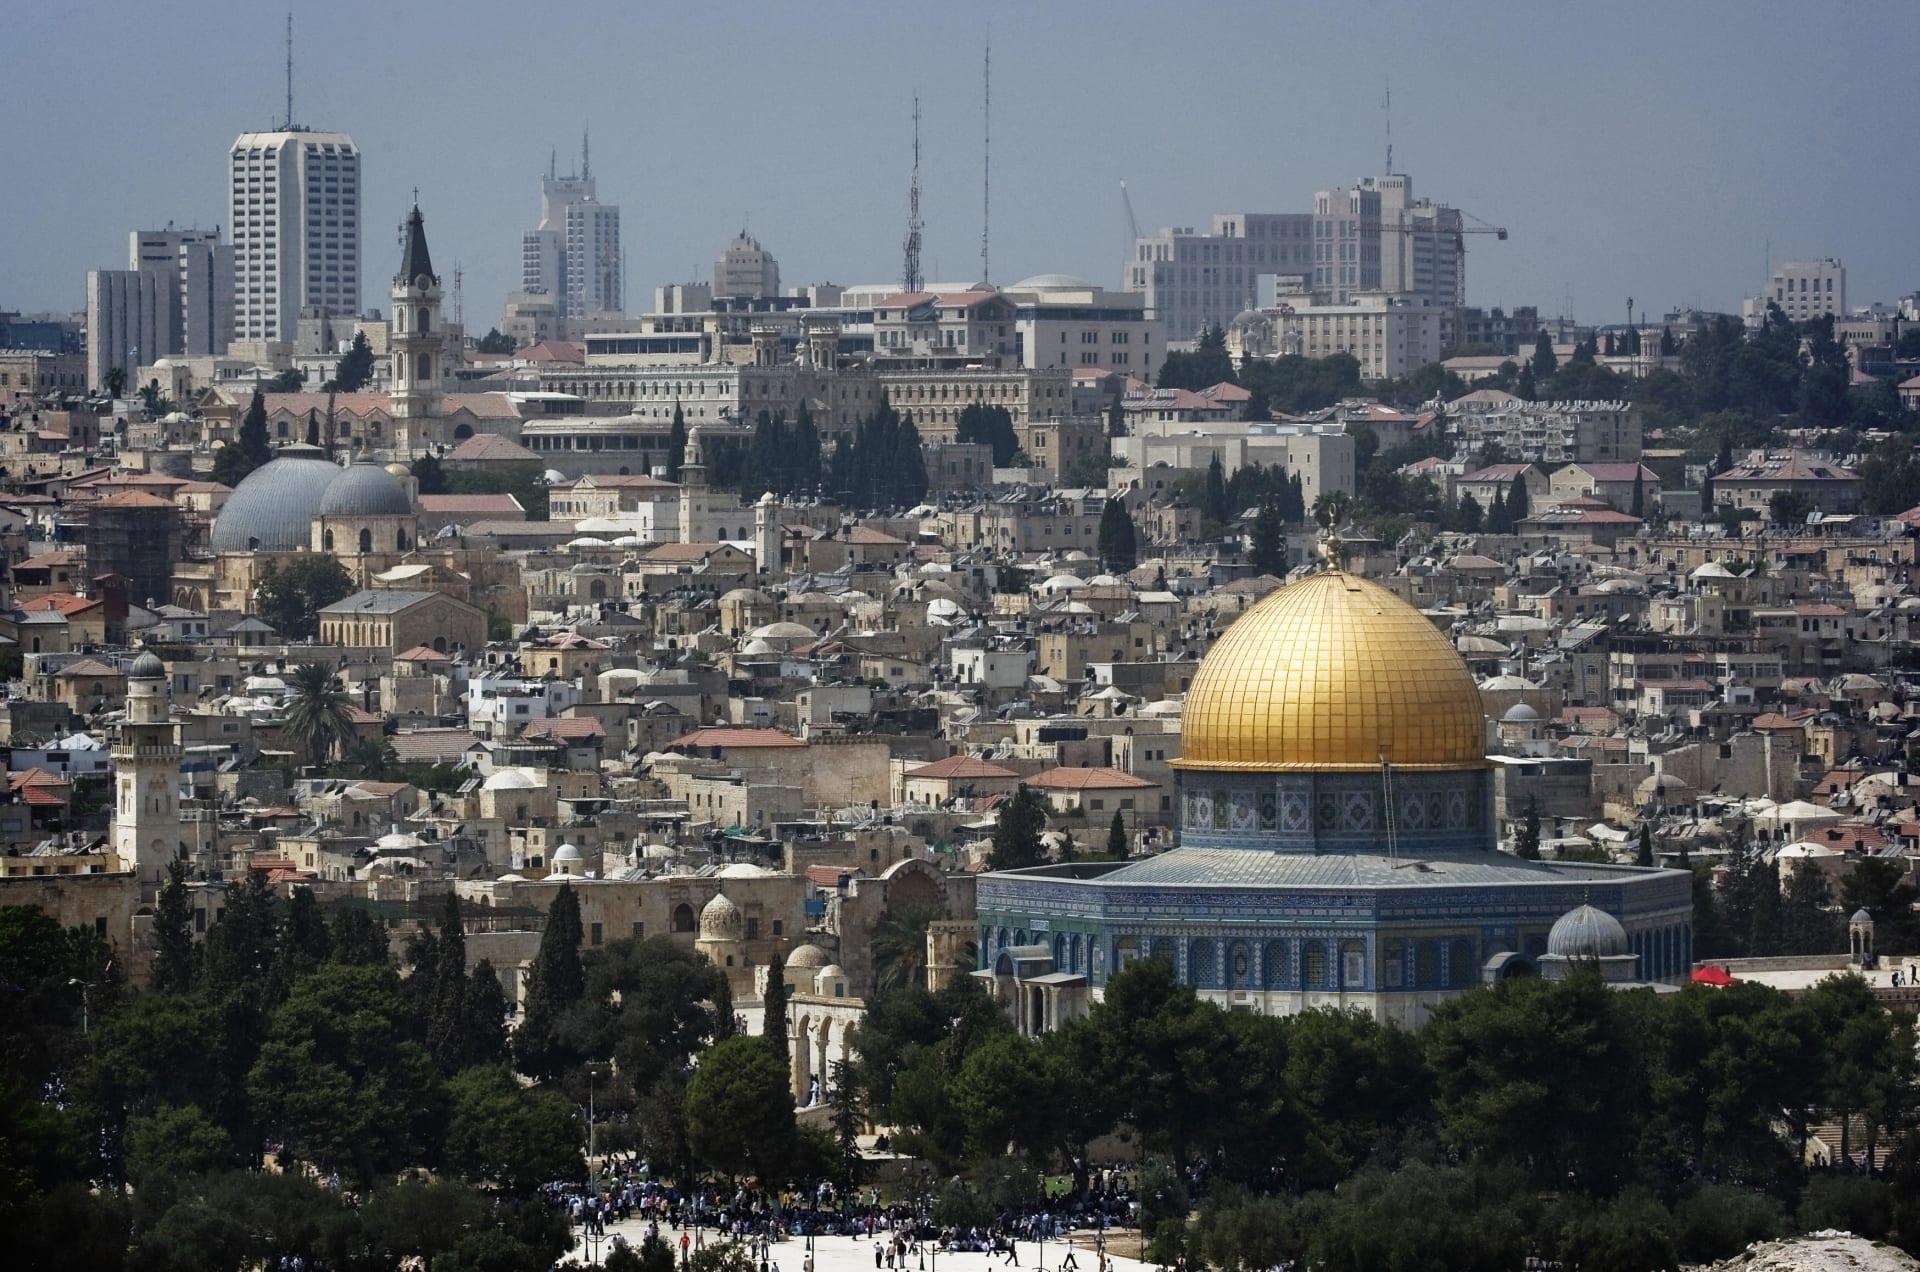 """بعد أيام من """"إدانة الاستيطان"""".. الإذاعة الإسرائيلية: مصادقة على بناء 490 وحدة سكنية جديدة في القدس"""